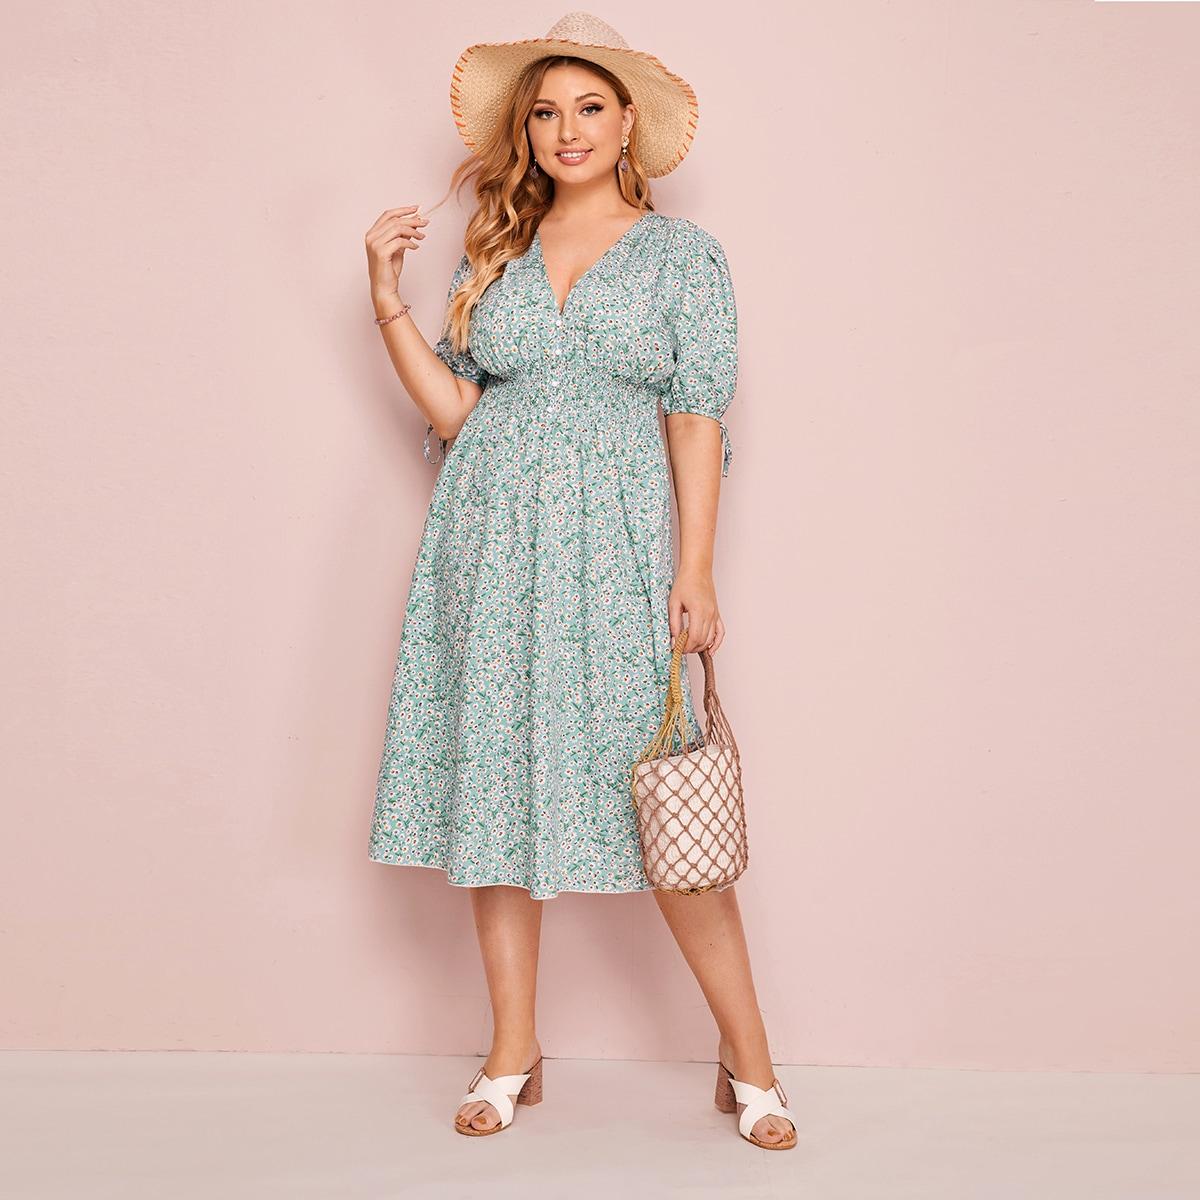 Цветочное платье размера плюс с узлом на манжетах